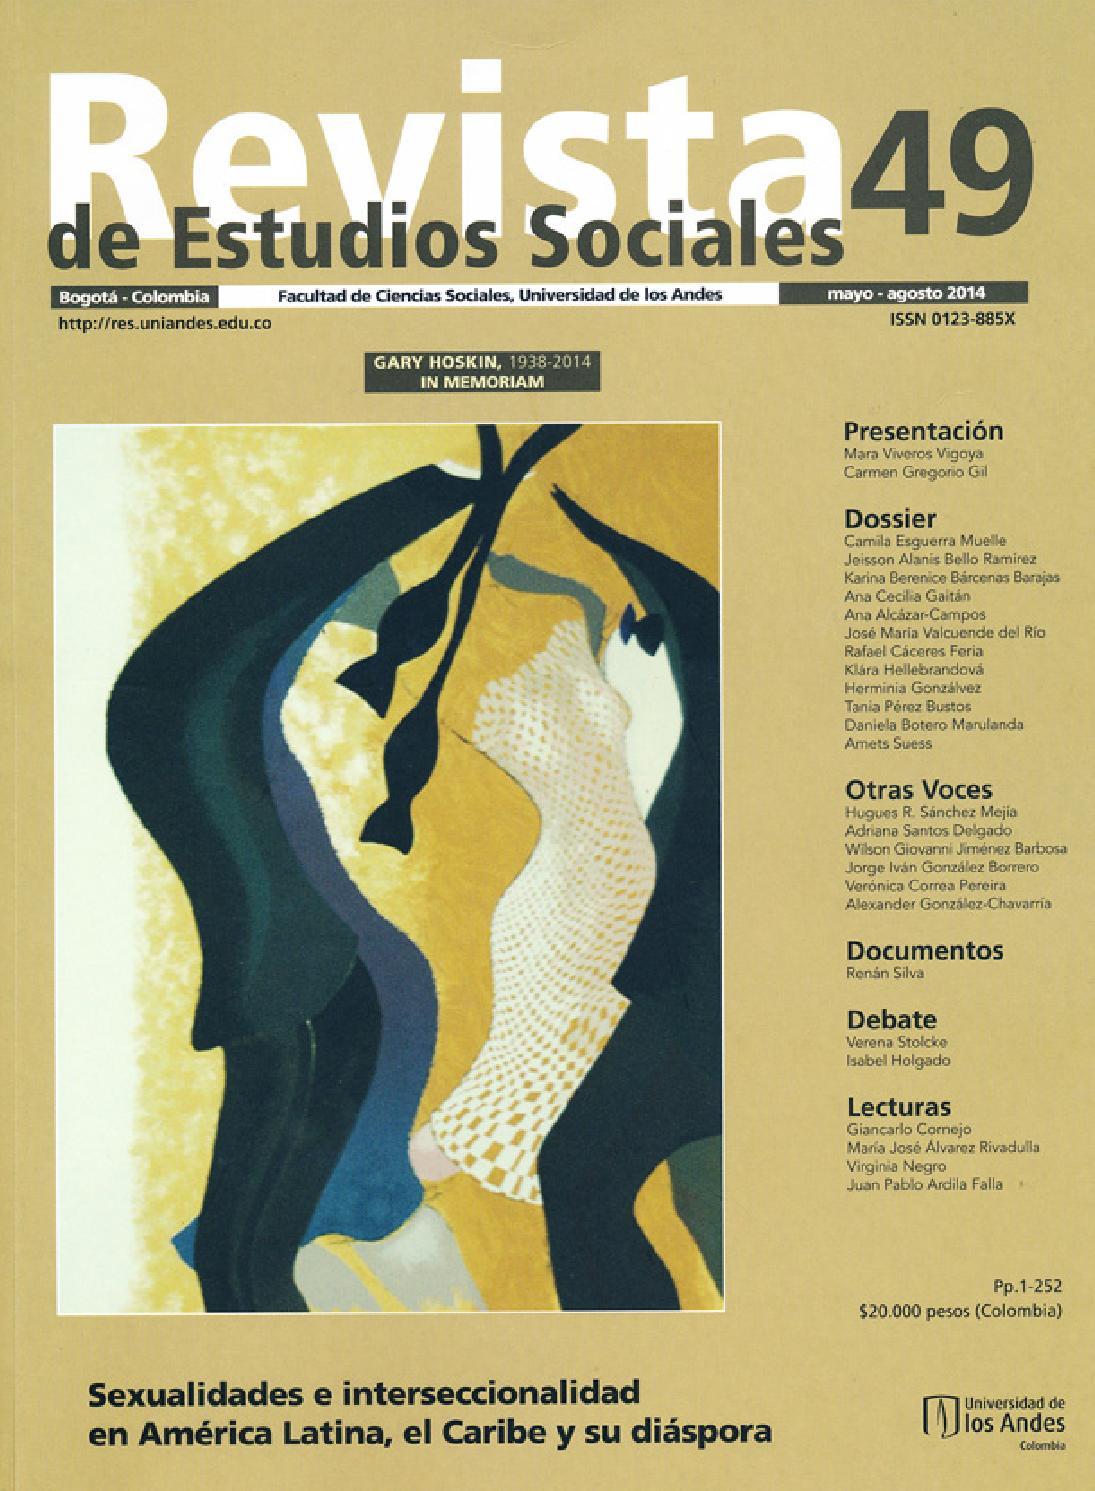 Ciega A Citas Espaa - 211652